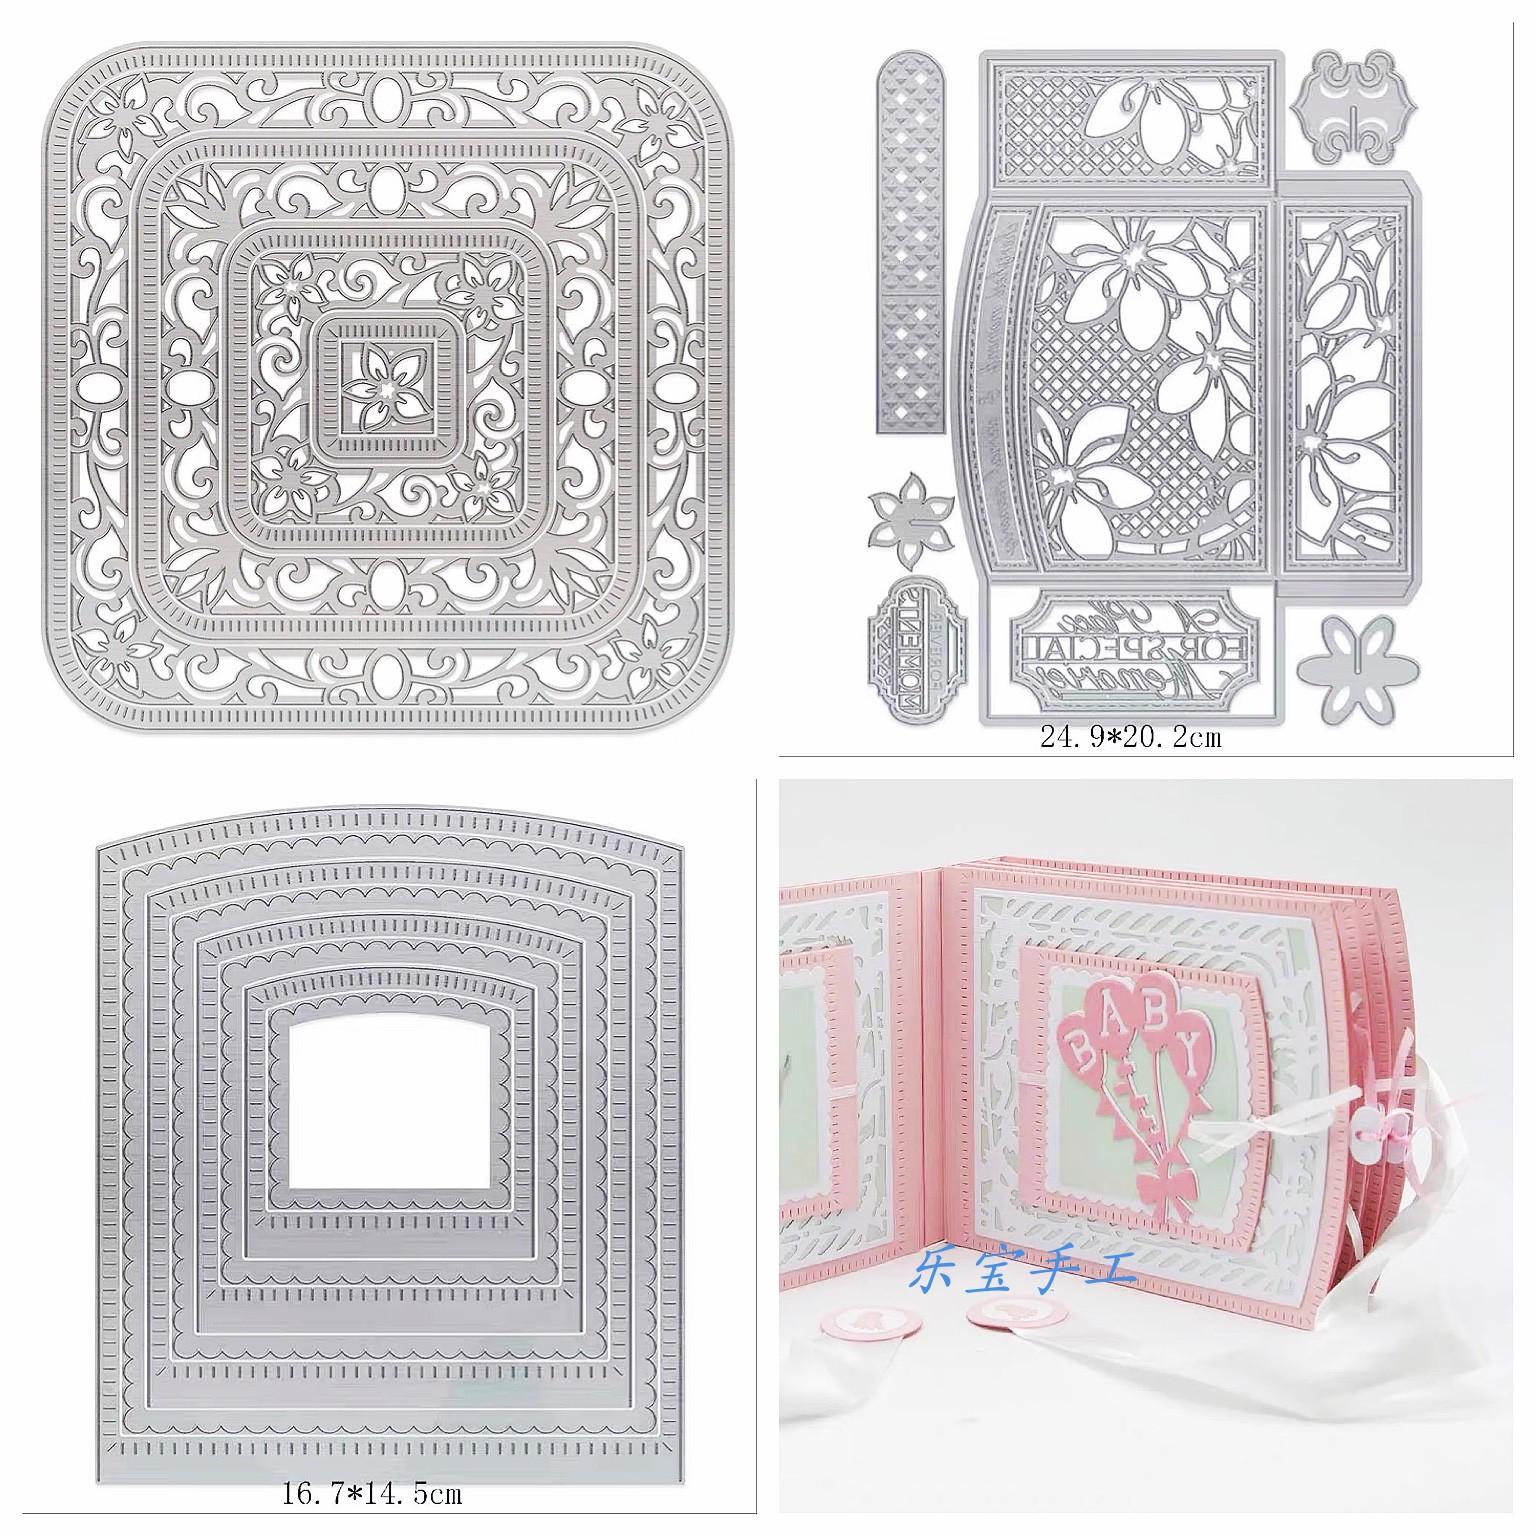 切割模板 DIY手工手账scrapbook纸艺压花模具 立体相册书籍装饰